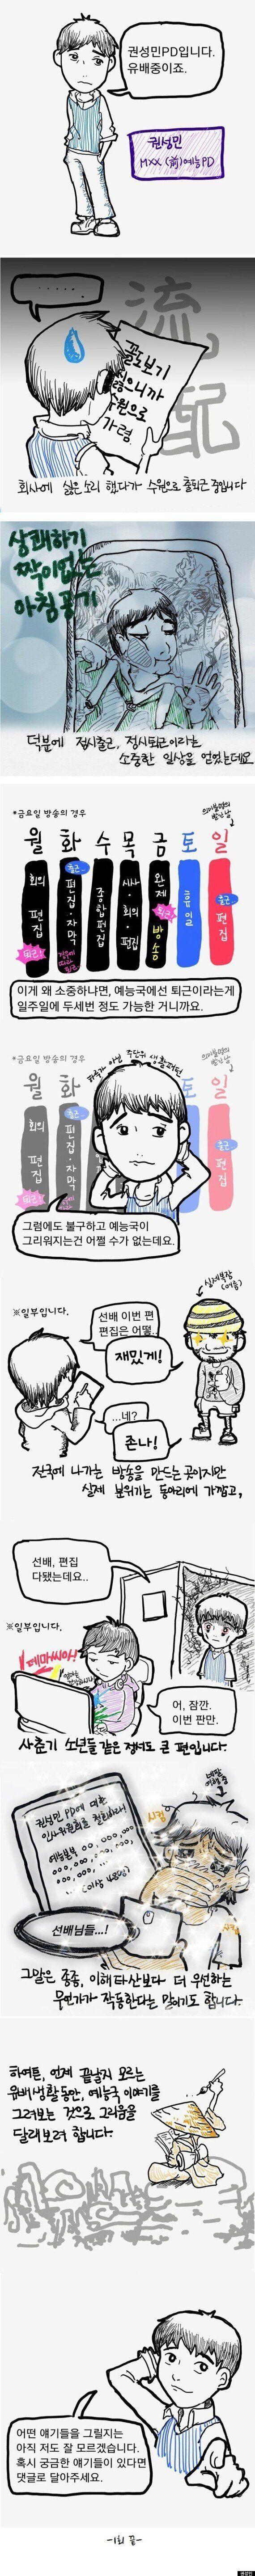 '해고' MBC 권성민 PD의 예능국